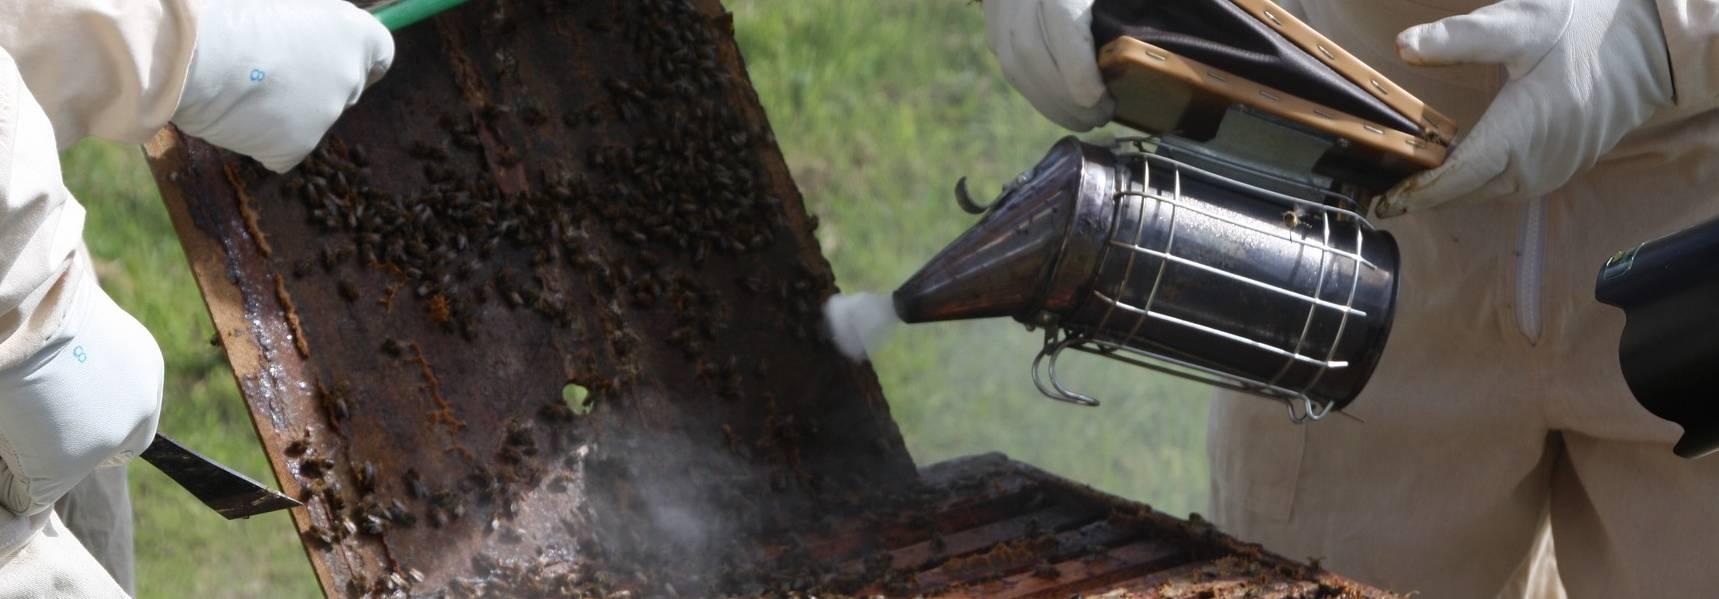 Equipement au rucher